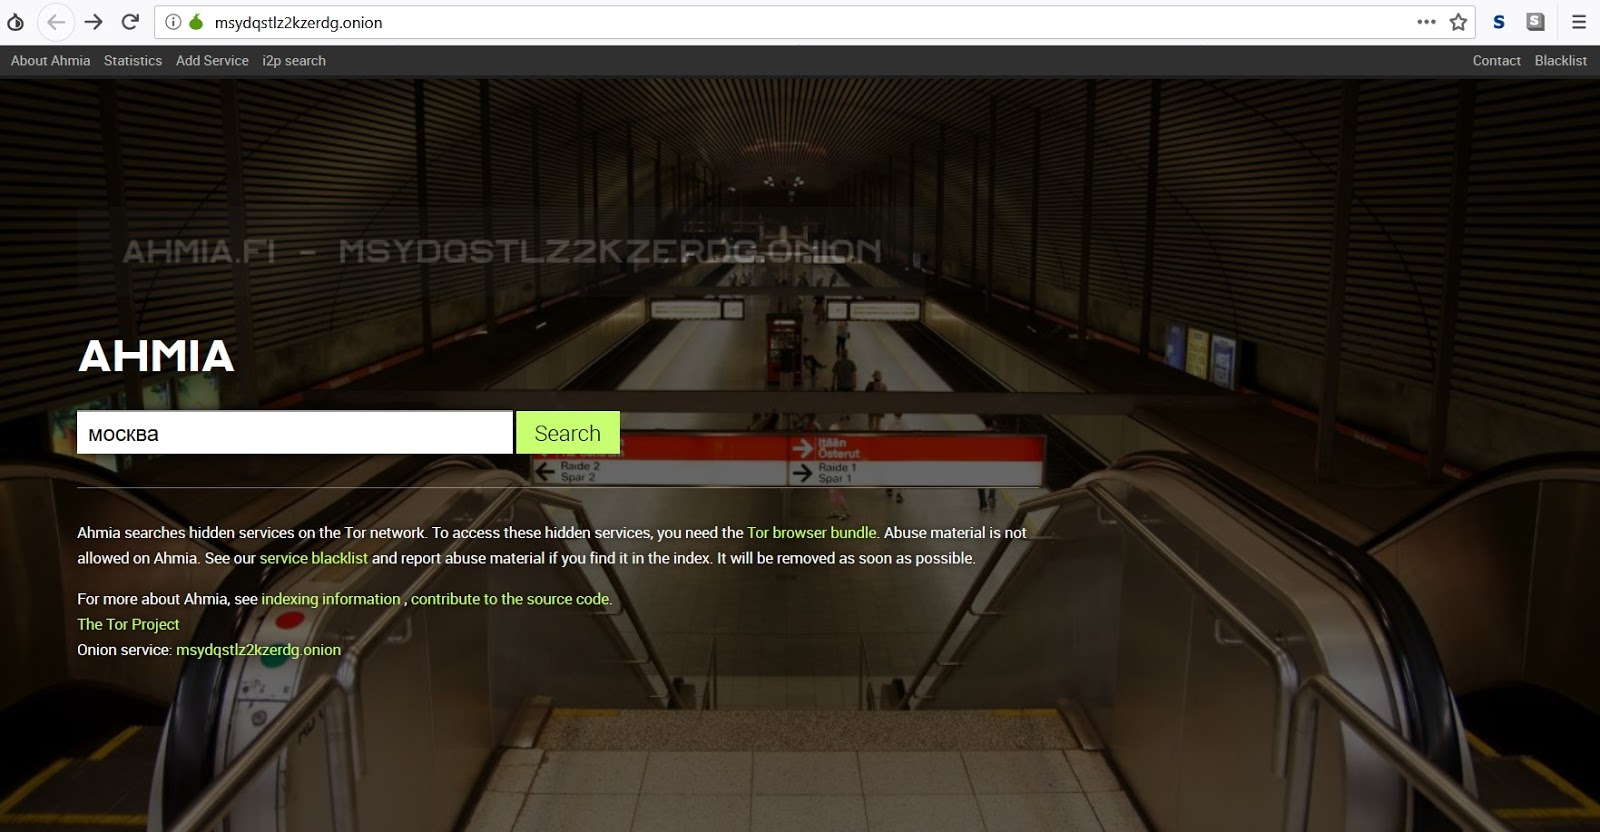 Поисковик даркнета AHMIA в браузере скрытых сетей TOR